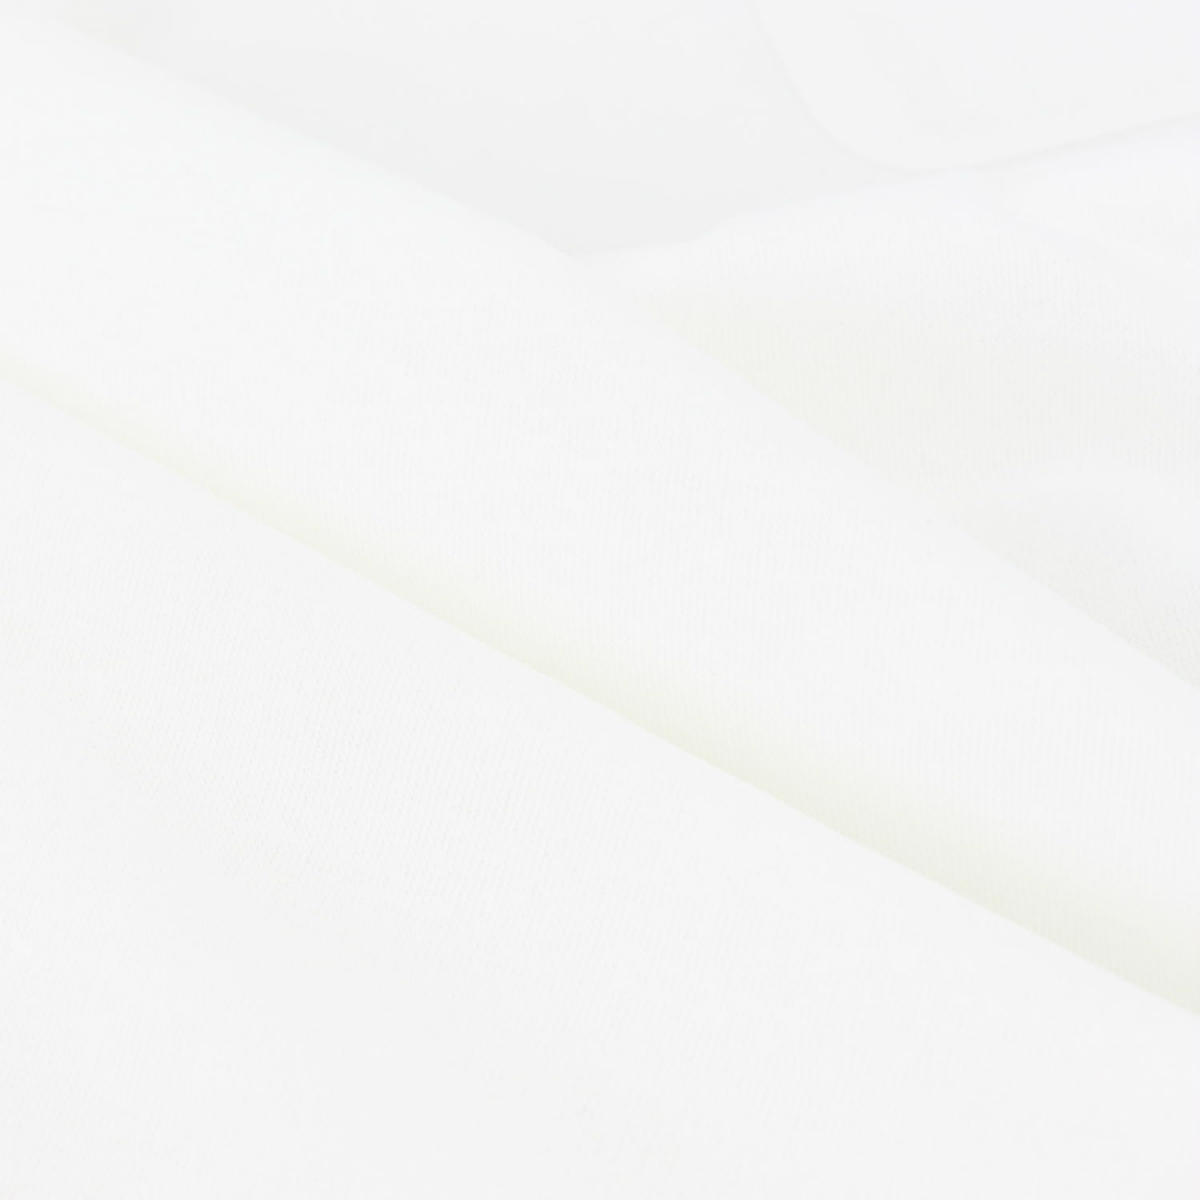 ザノーネ ZANONE メンズ アイスコットン クルーネック ポケットTシャツ レギュラーフィット T-SHIRT MC ROUND NECK 812477 ZAN Z0380 Z0001(ホワイト) 春夏新作